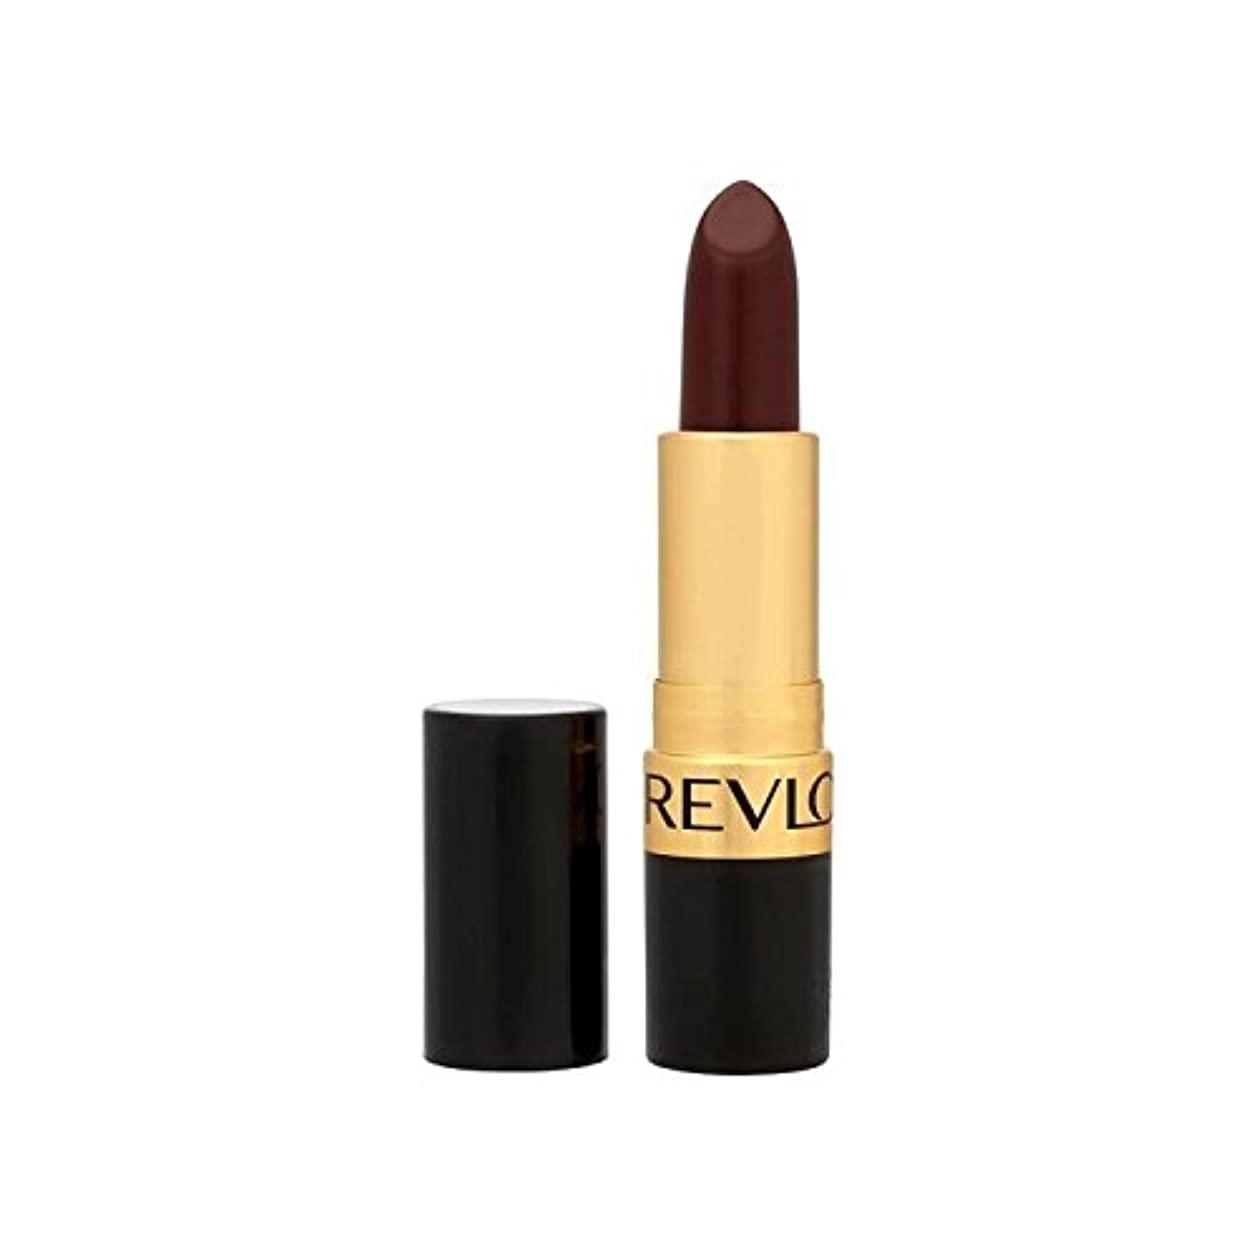 膨らませる潮叙情的なレブロンスーパー光沢のある口紅ブラックチェリー477 x2 - Revlon Super Lustrous Lipstick Black Cherry 477 (Pack of 2) [並行輸入品]